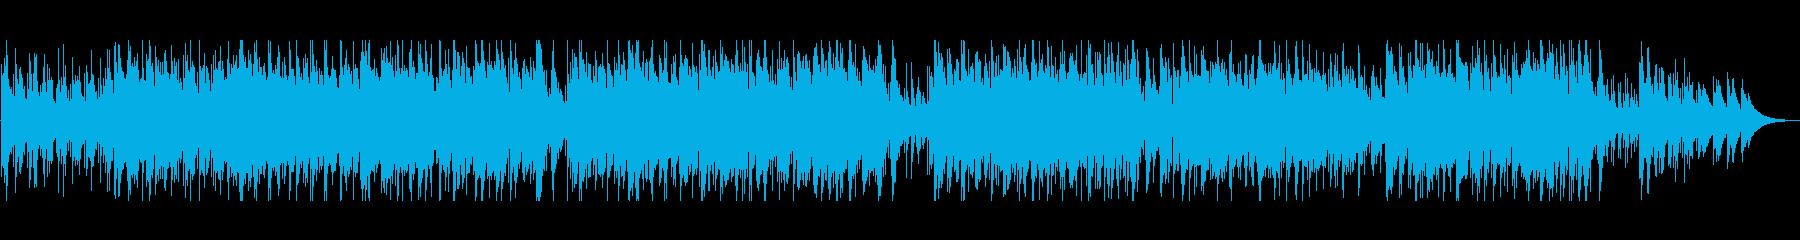 落ち着いた雰囲気のボサノバの再生済みの波形